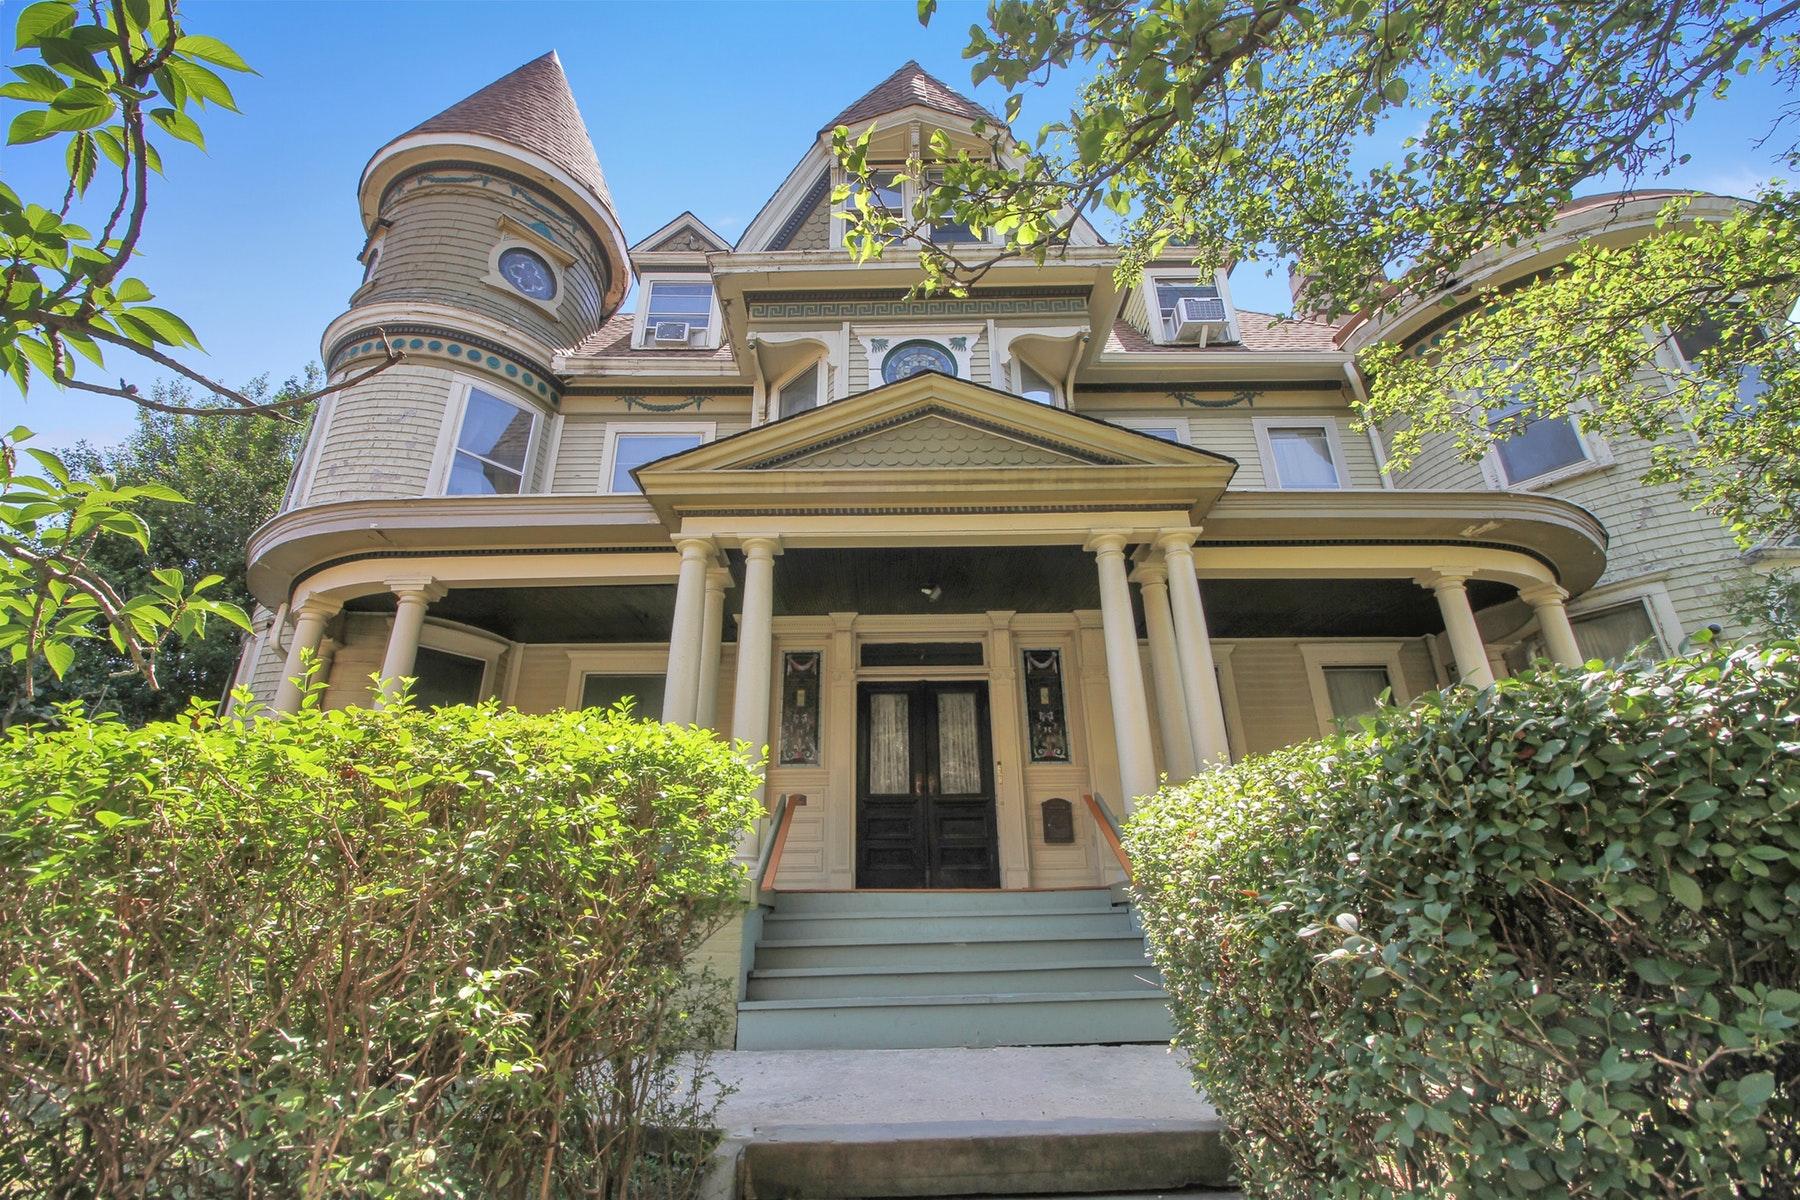 Casa Multifamiliar por un Venta en Award Winning Victorian 4 Family Home 7 Kensington Ave Jersey City, Nueva Jersey 07304 Estados Unidos